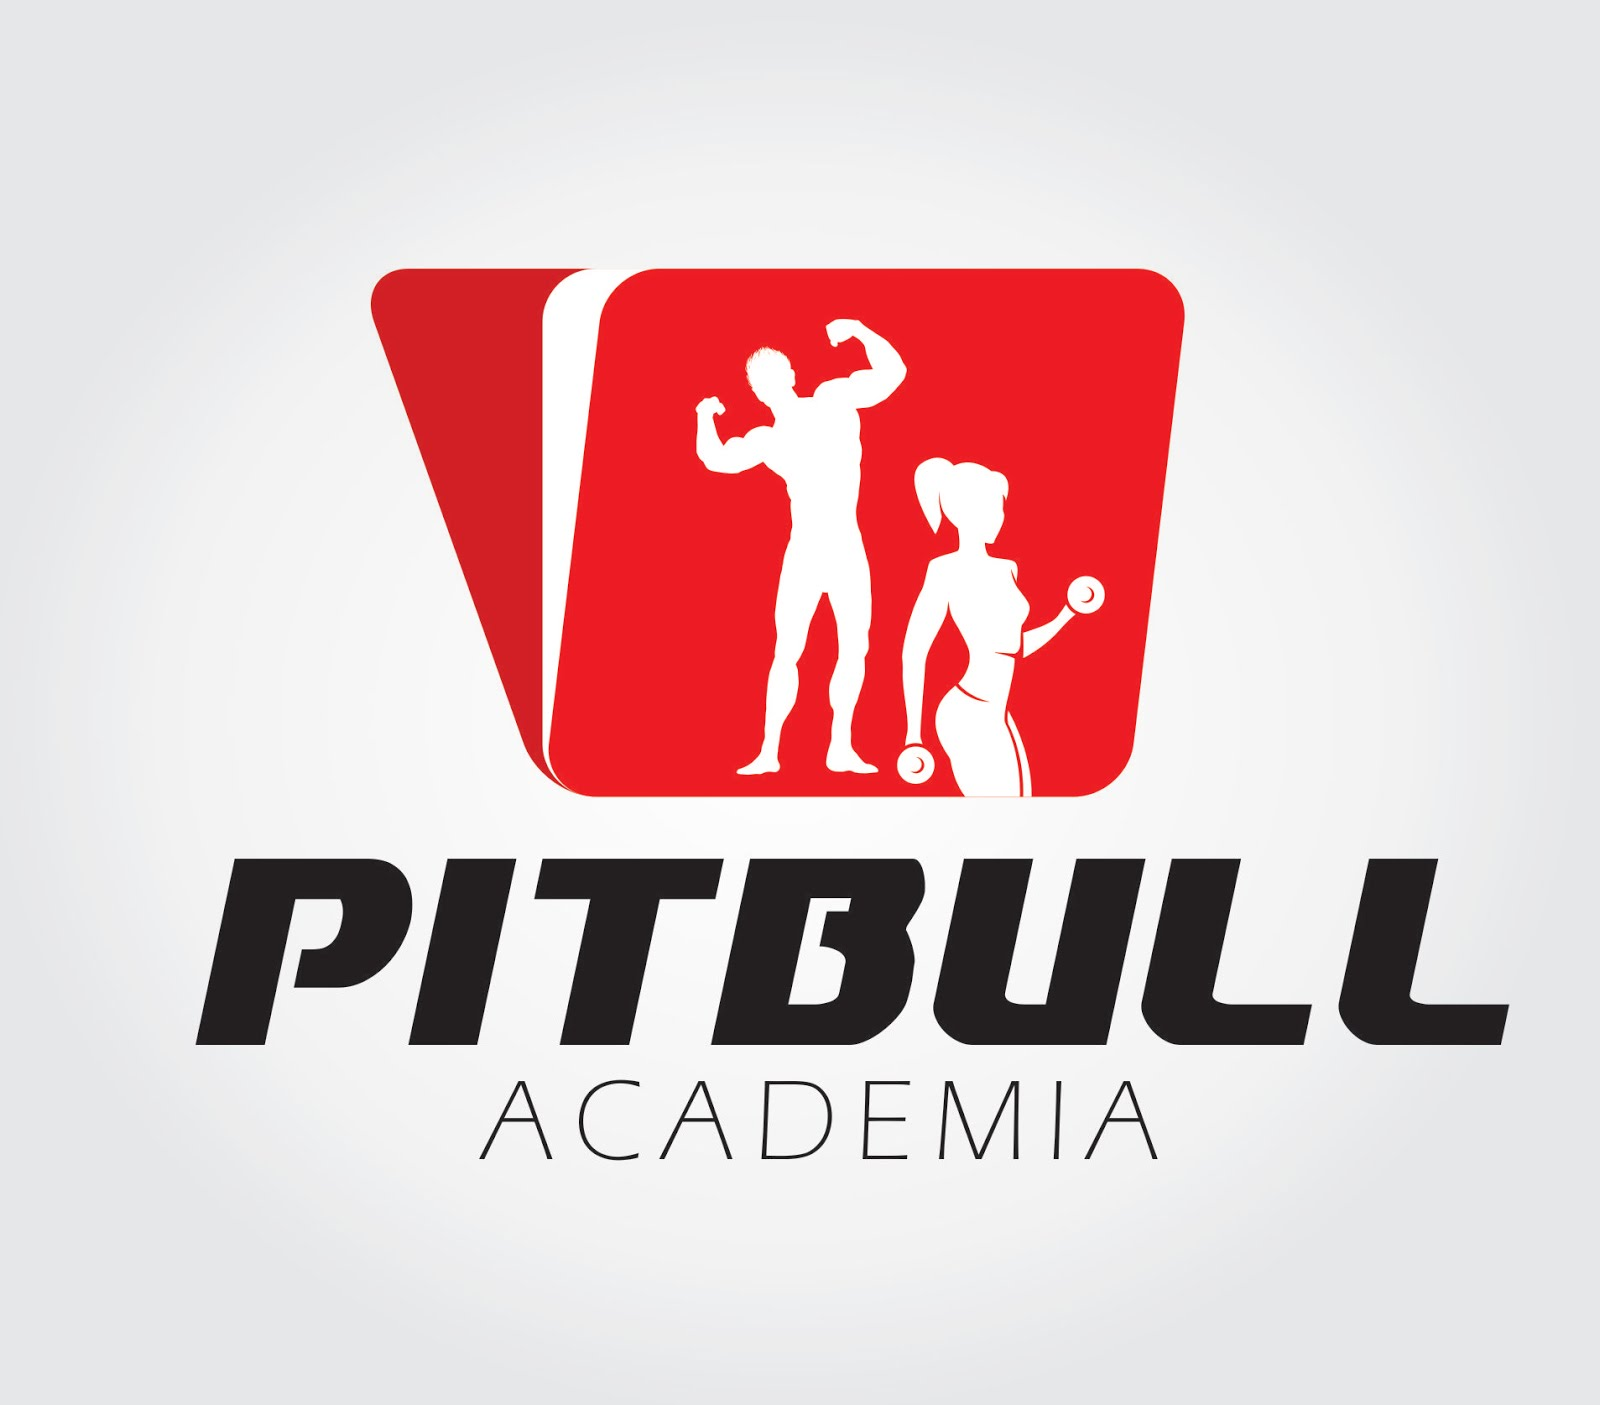 Academia PitBull